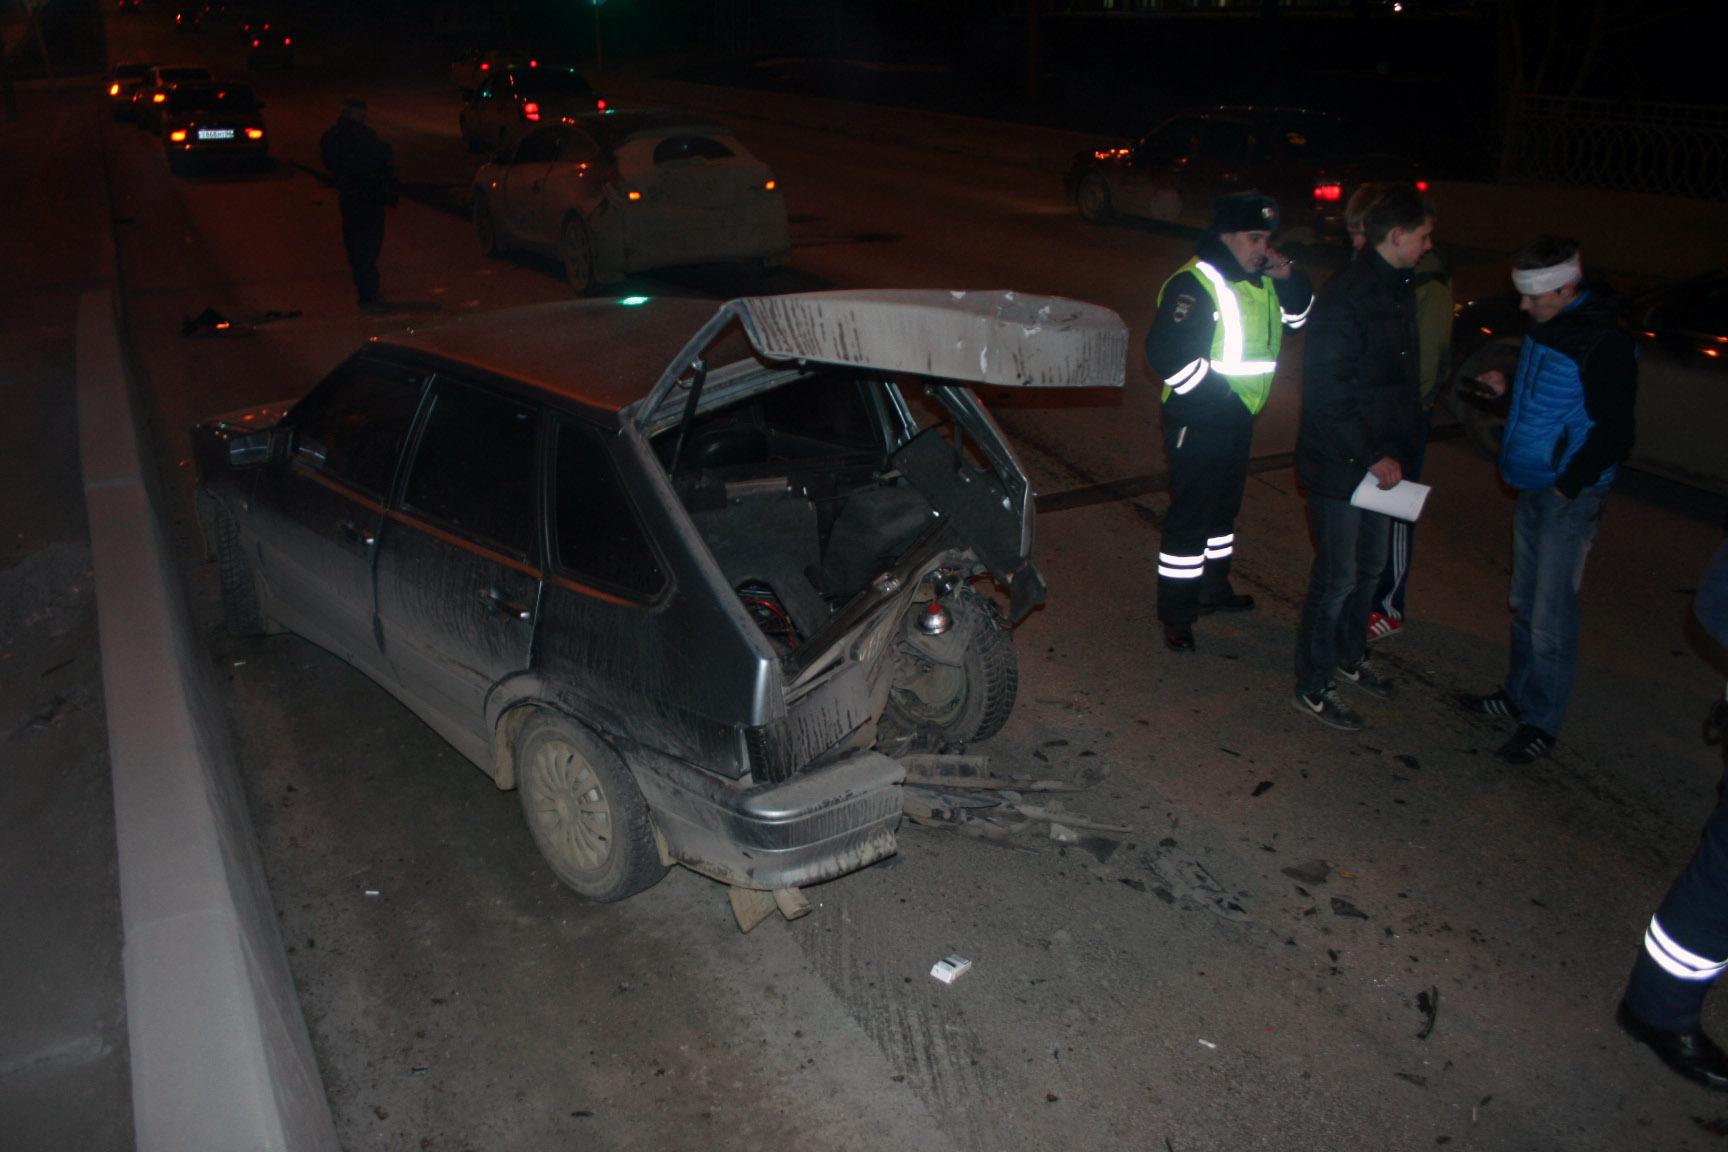 Пьяный водитель устроил аварию с тремя машинами на ВИЗе